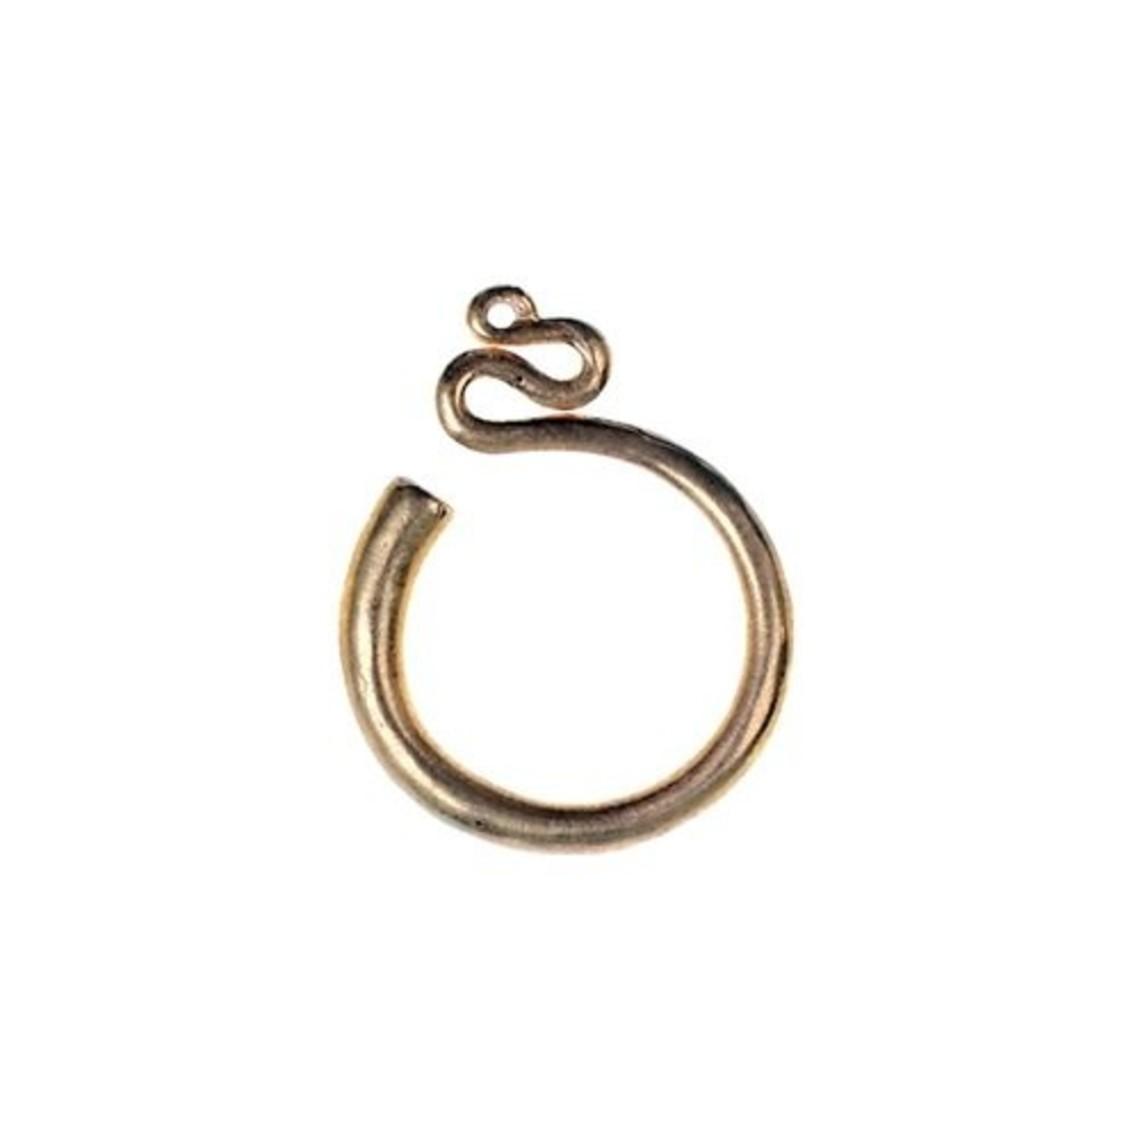 anillos templo eslavos, S, bronce